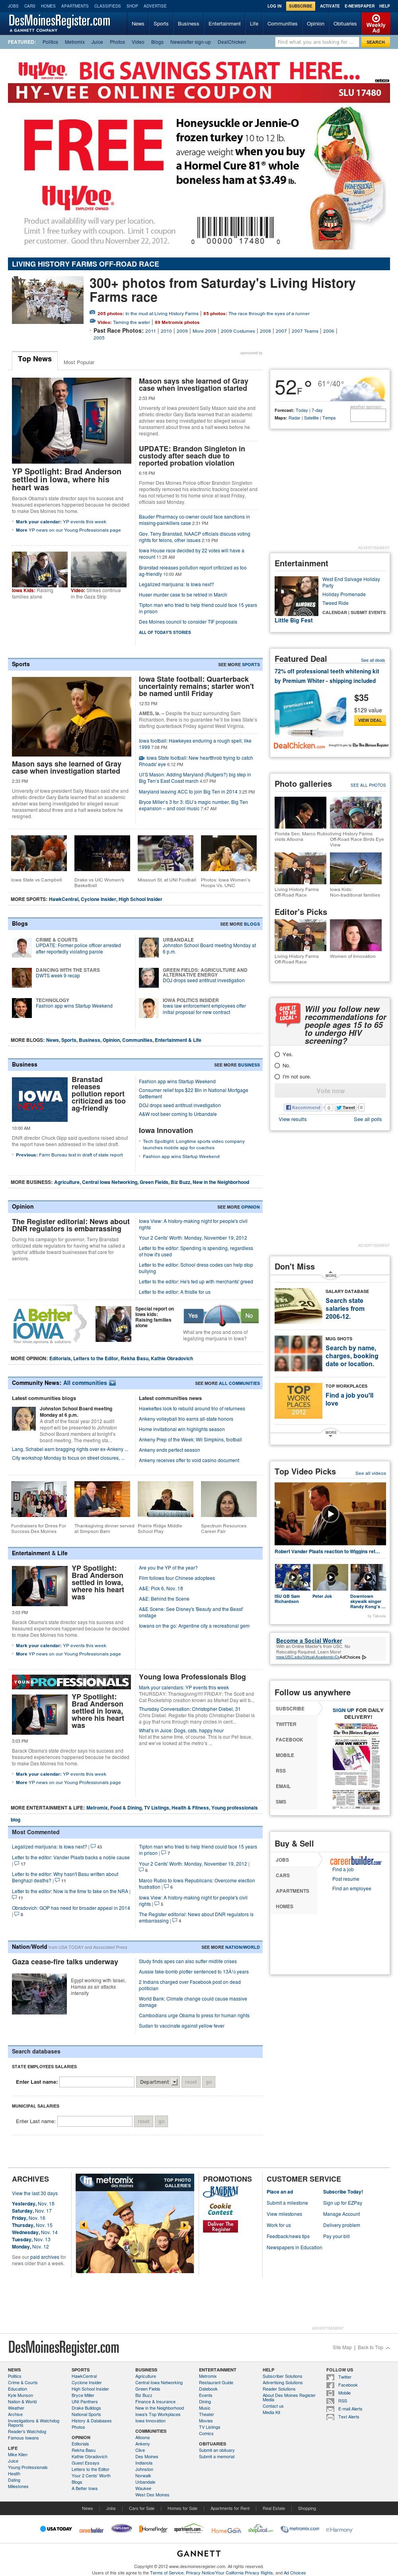 DesMoinesRegister.com at Tuesday Nov. 20, 2012, 3:08 a.m. UTC